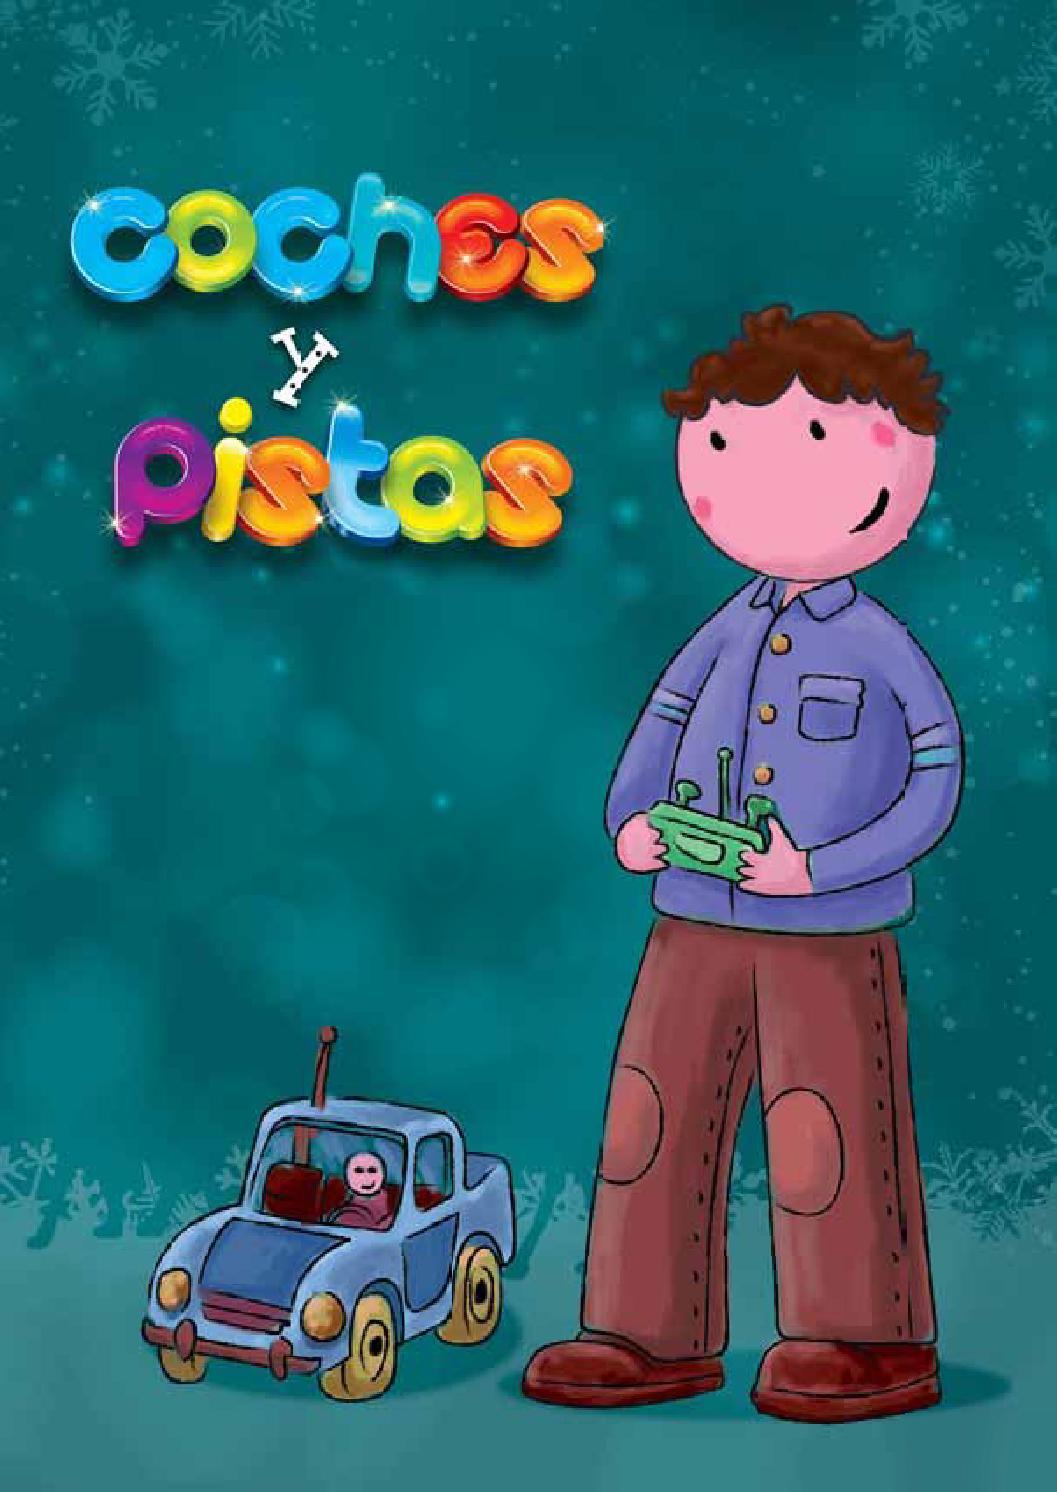 Coches Issuu Y Pistas By Ingles Losdescuentos El Corte 8nPOk0w